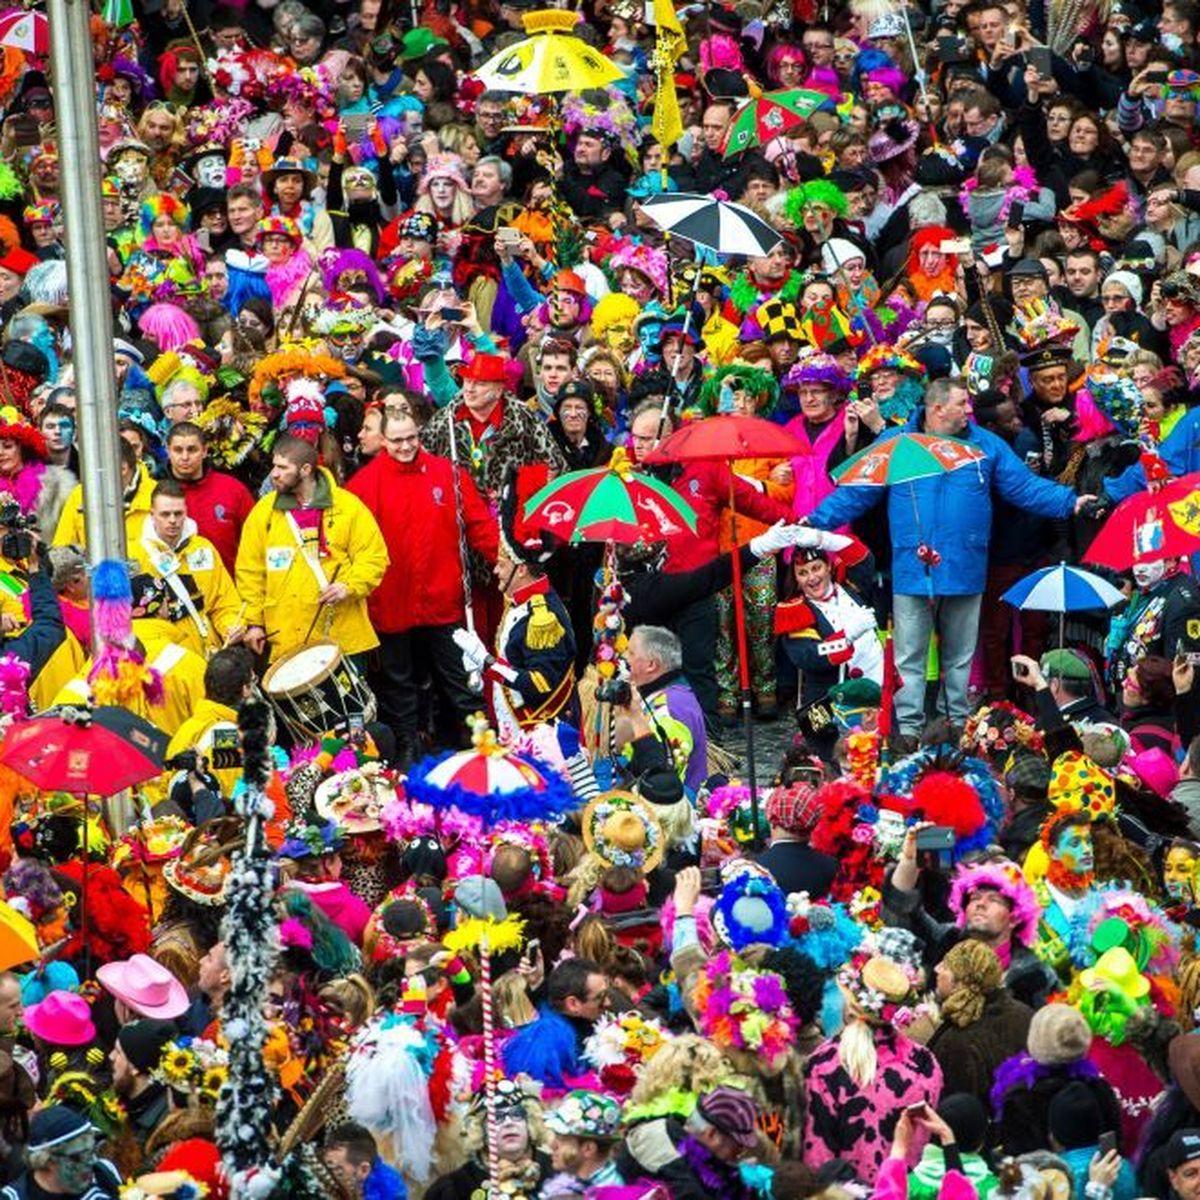 Calendrier Carnaval De Dunkerque 2021 Covid 19 : le carnaval de Dunkerque 2021 officiellement annulé